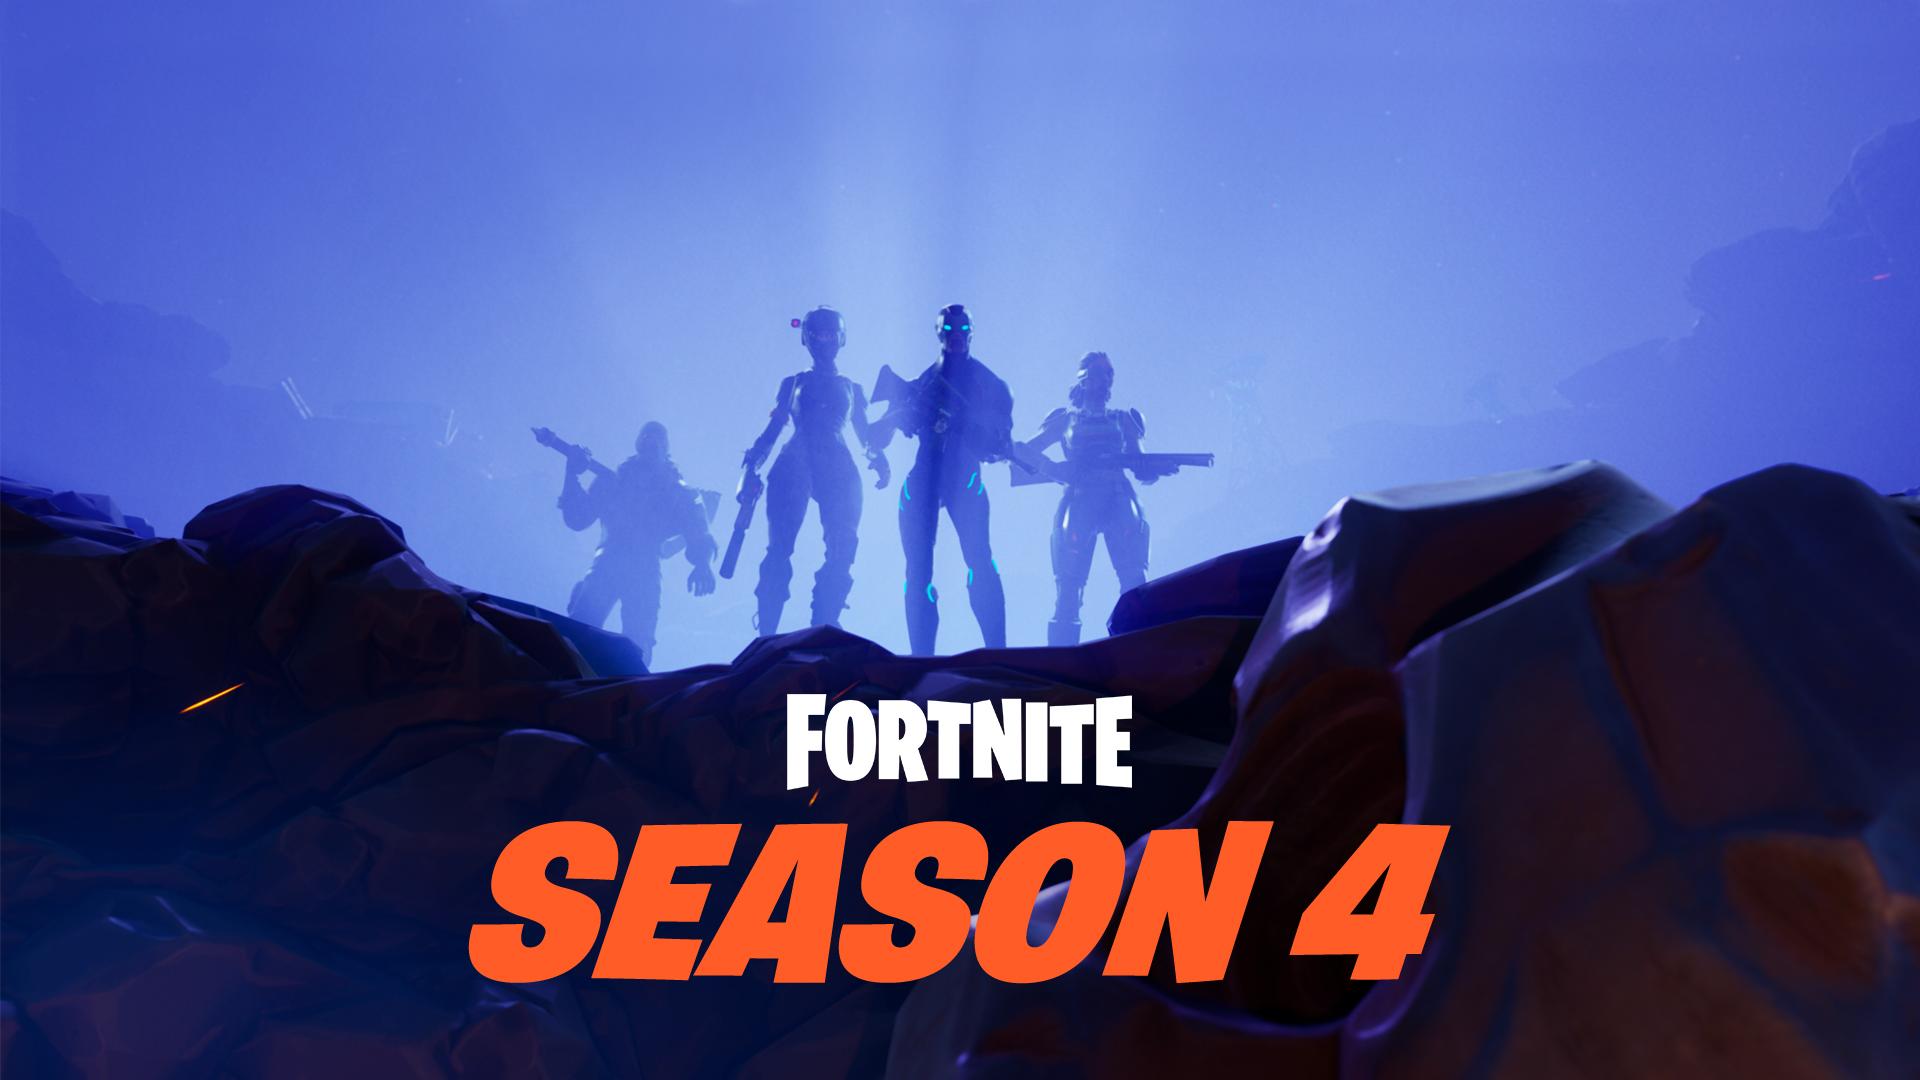 fortnite season 4 week 8 challenges - fortnite season 4 week 8 challenges guide